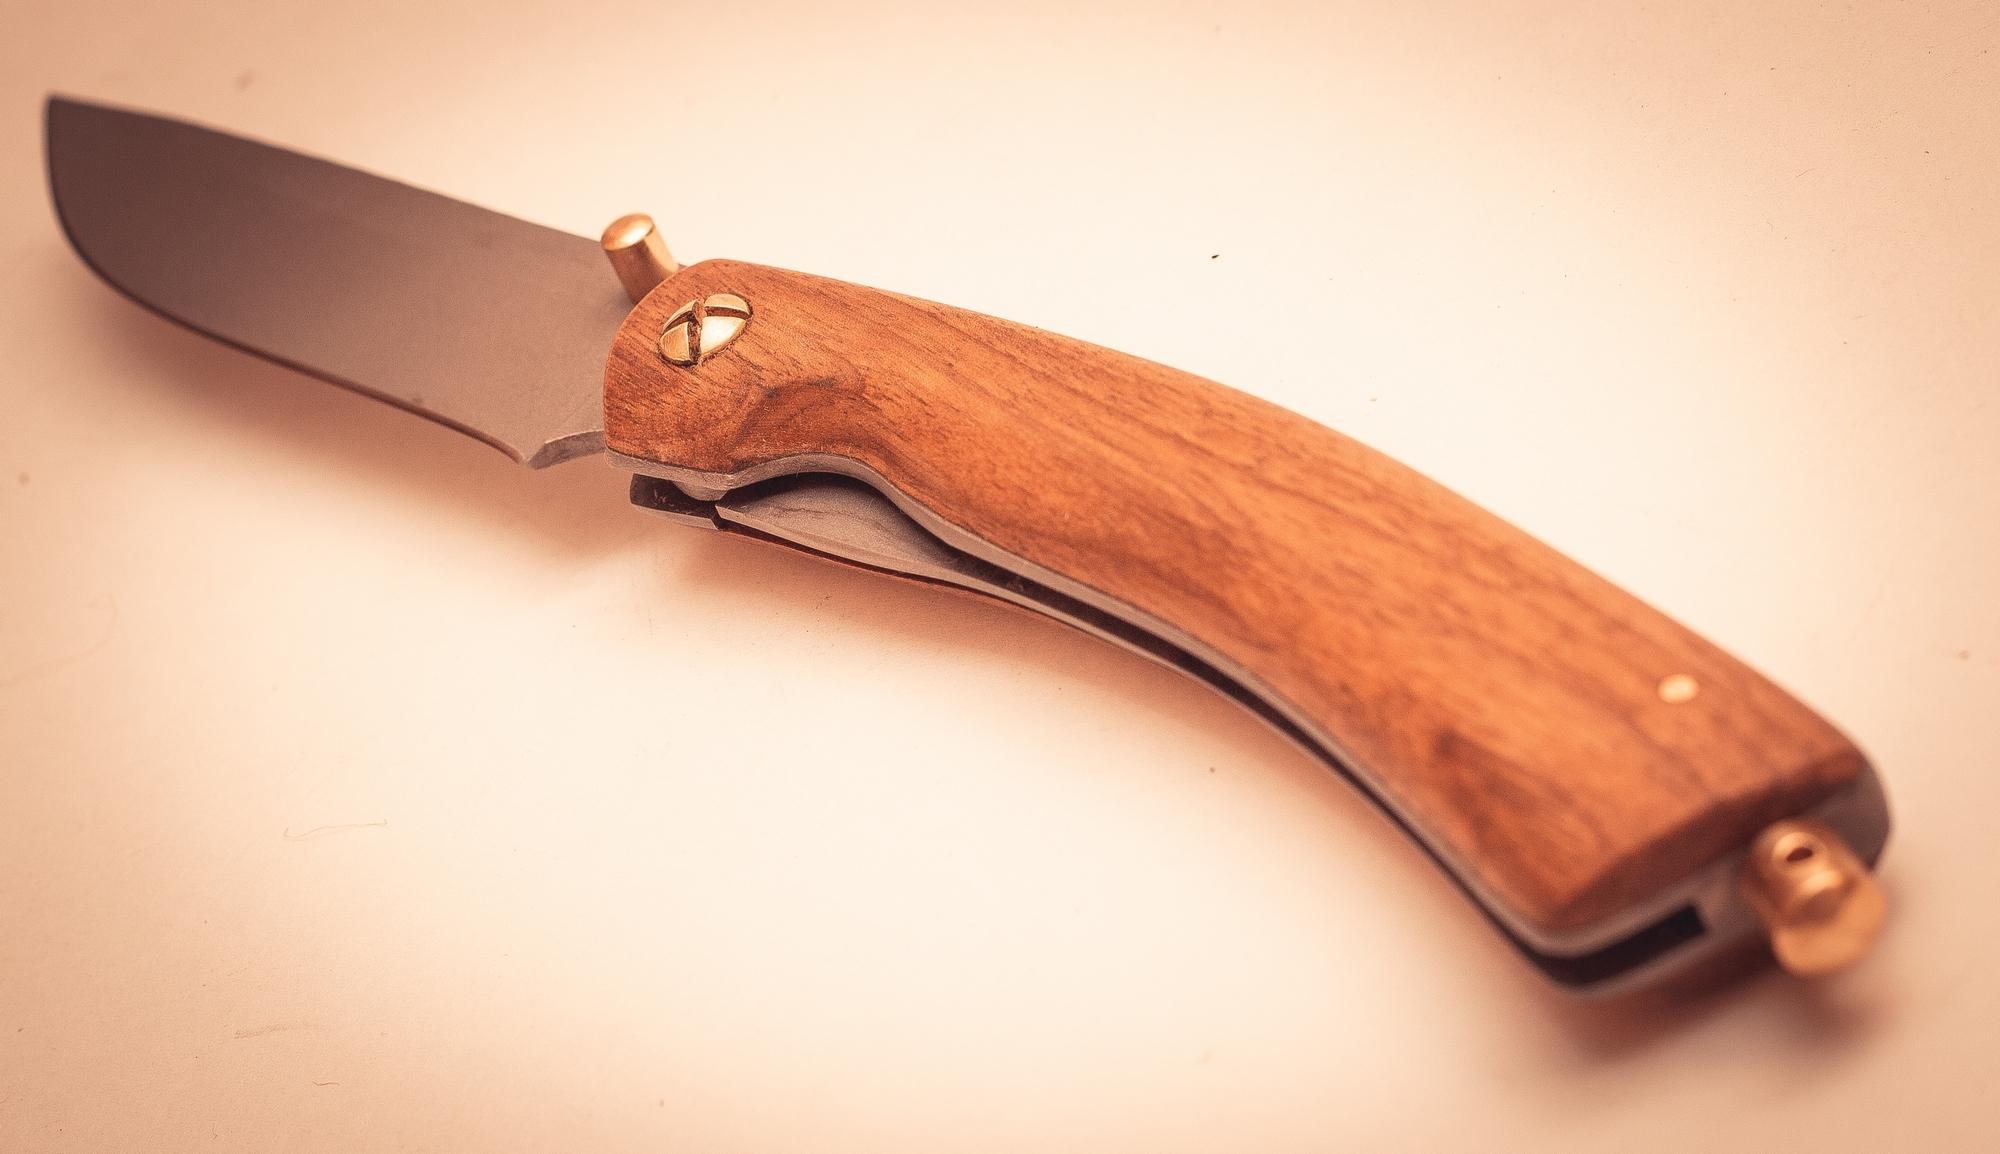 Фото 4 - Складной нож Помор, сталь 95х18, орех от Марычев